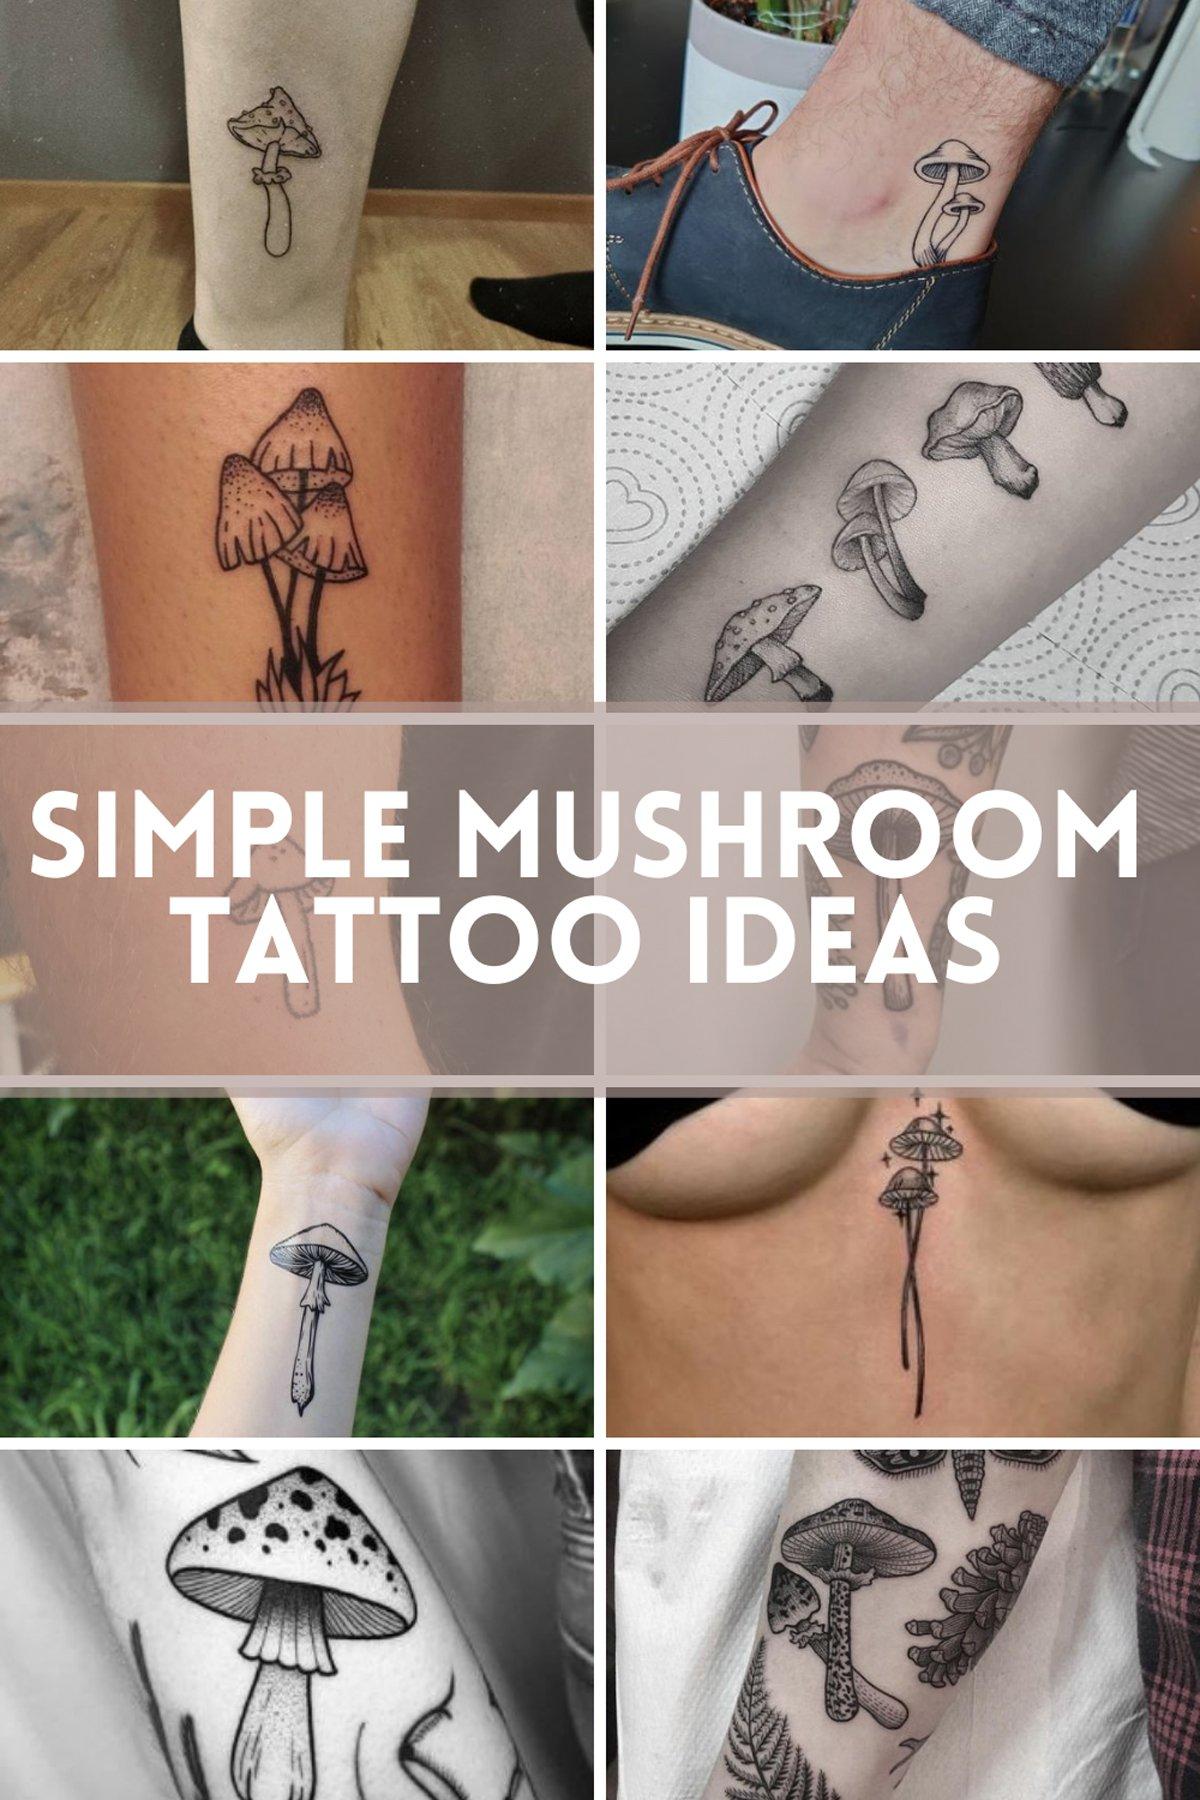 Simple Mushroom Tattoo Ideas